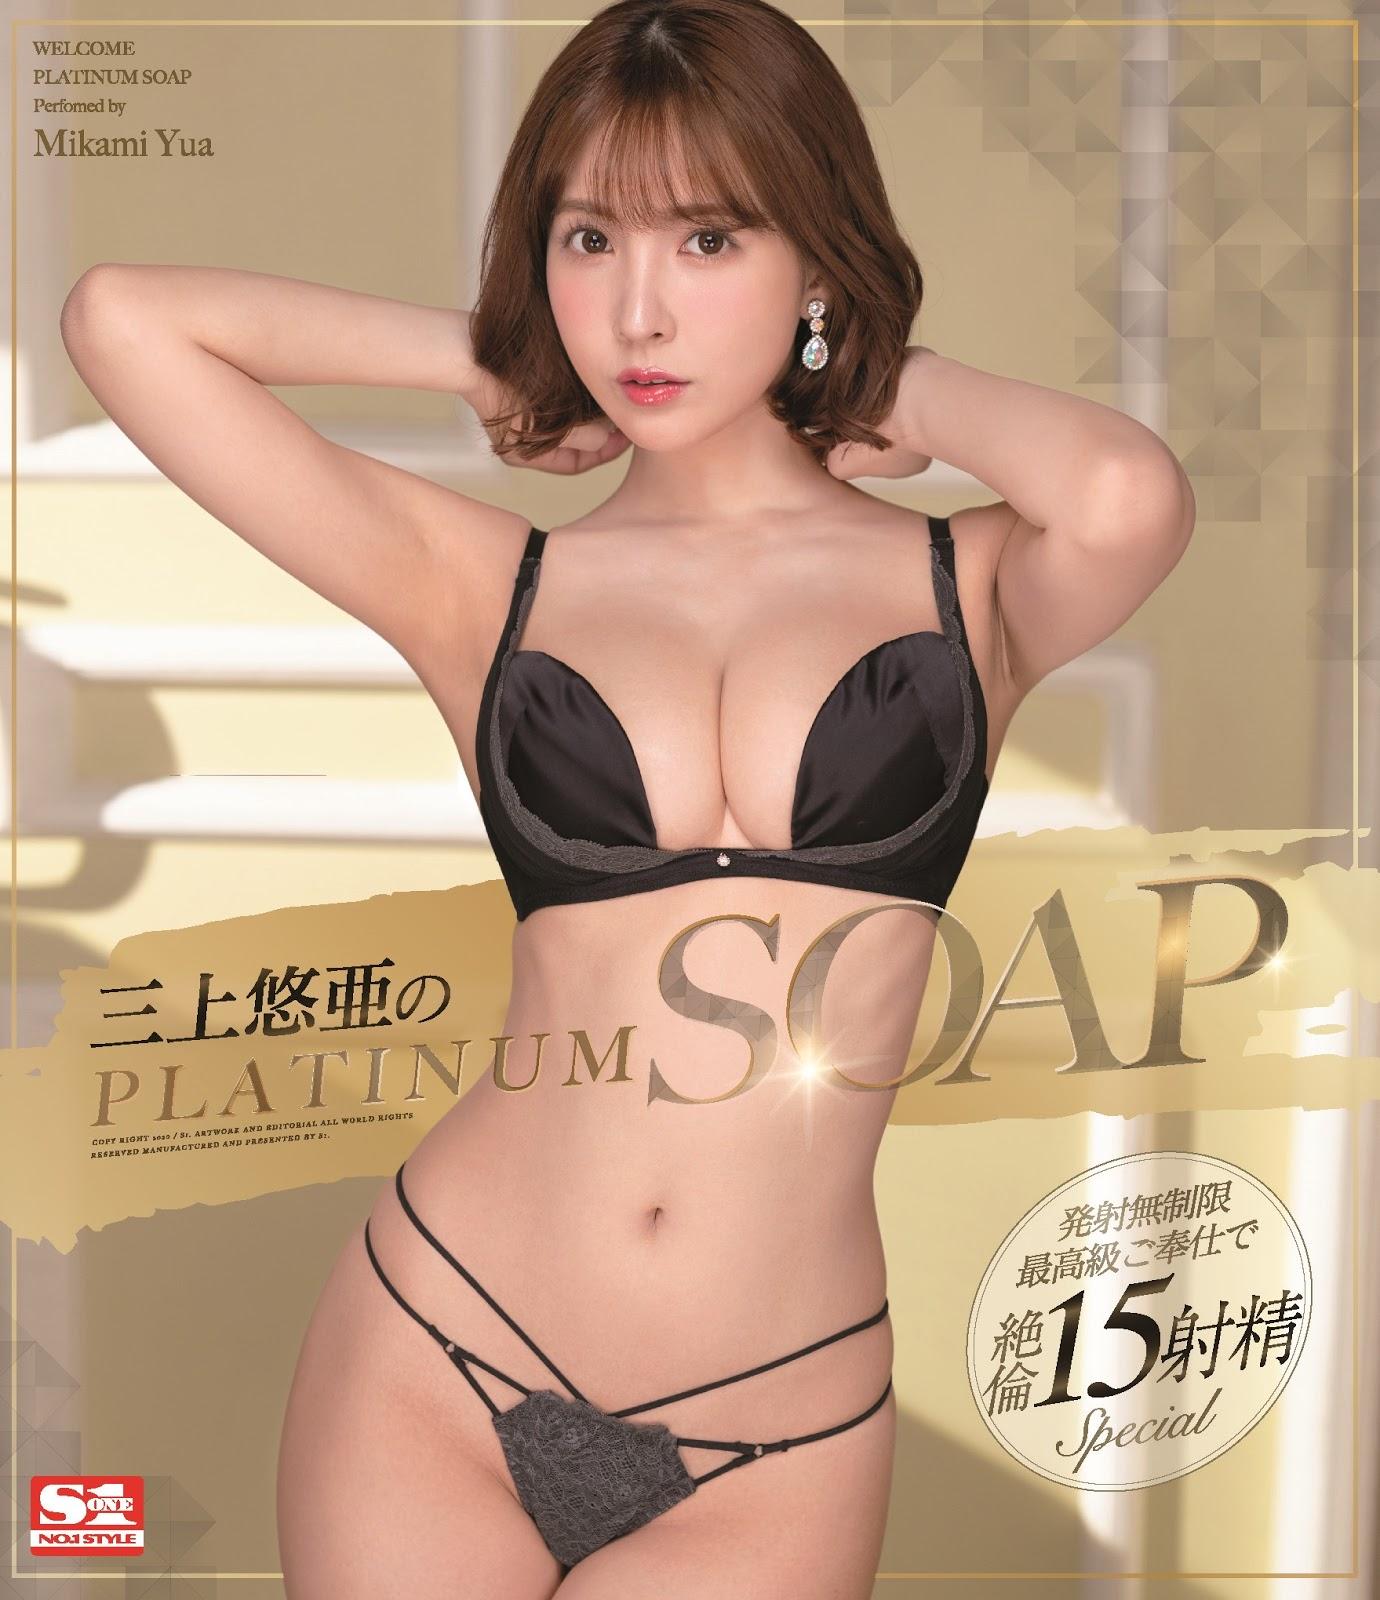 SSNI-826 Yua Mikami In PLATINUM SOAP